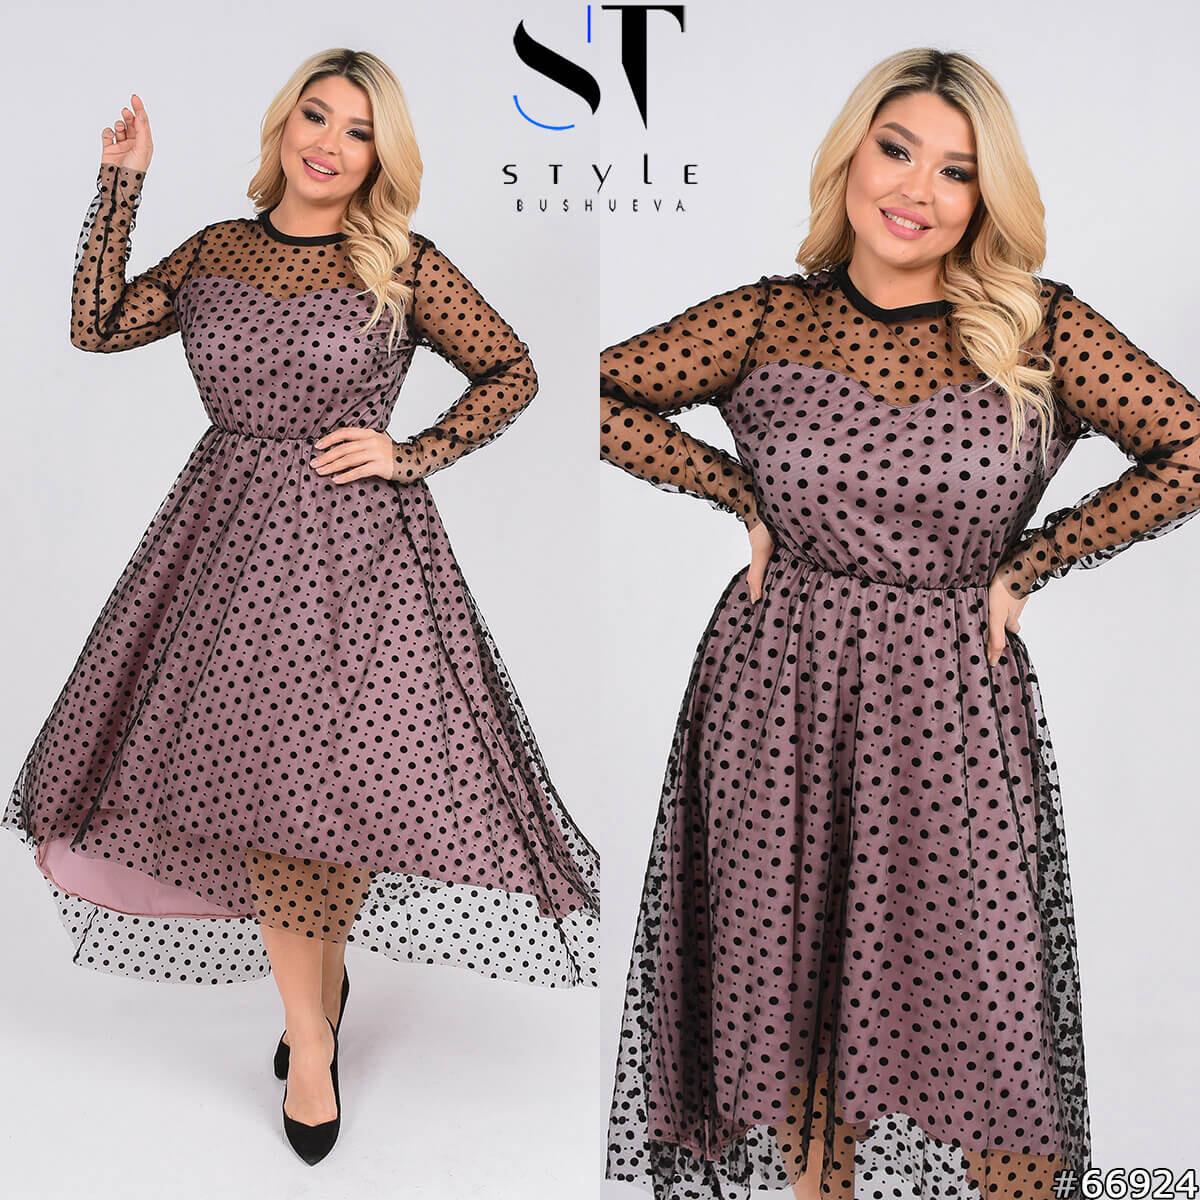 Воздушное платье из новой коллекции  Размеры: 50-52, 54-56, 58-60